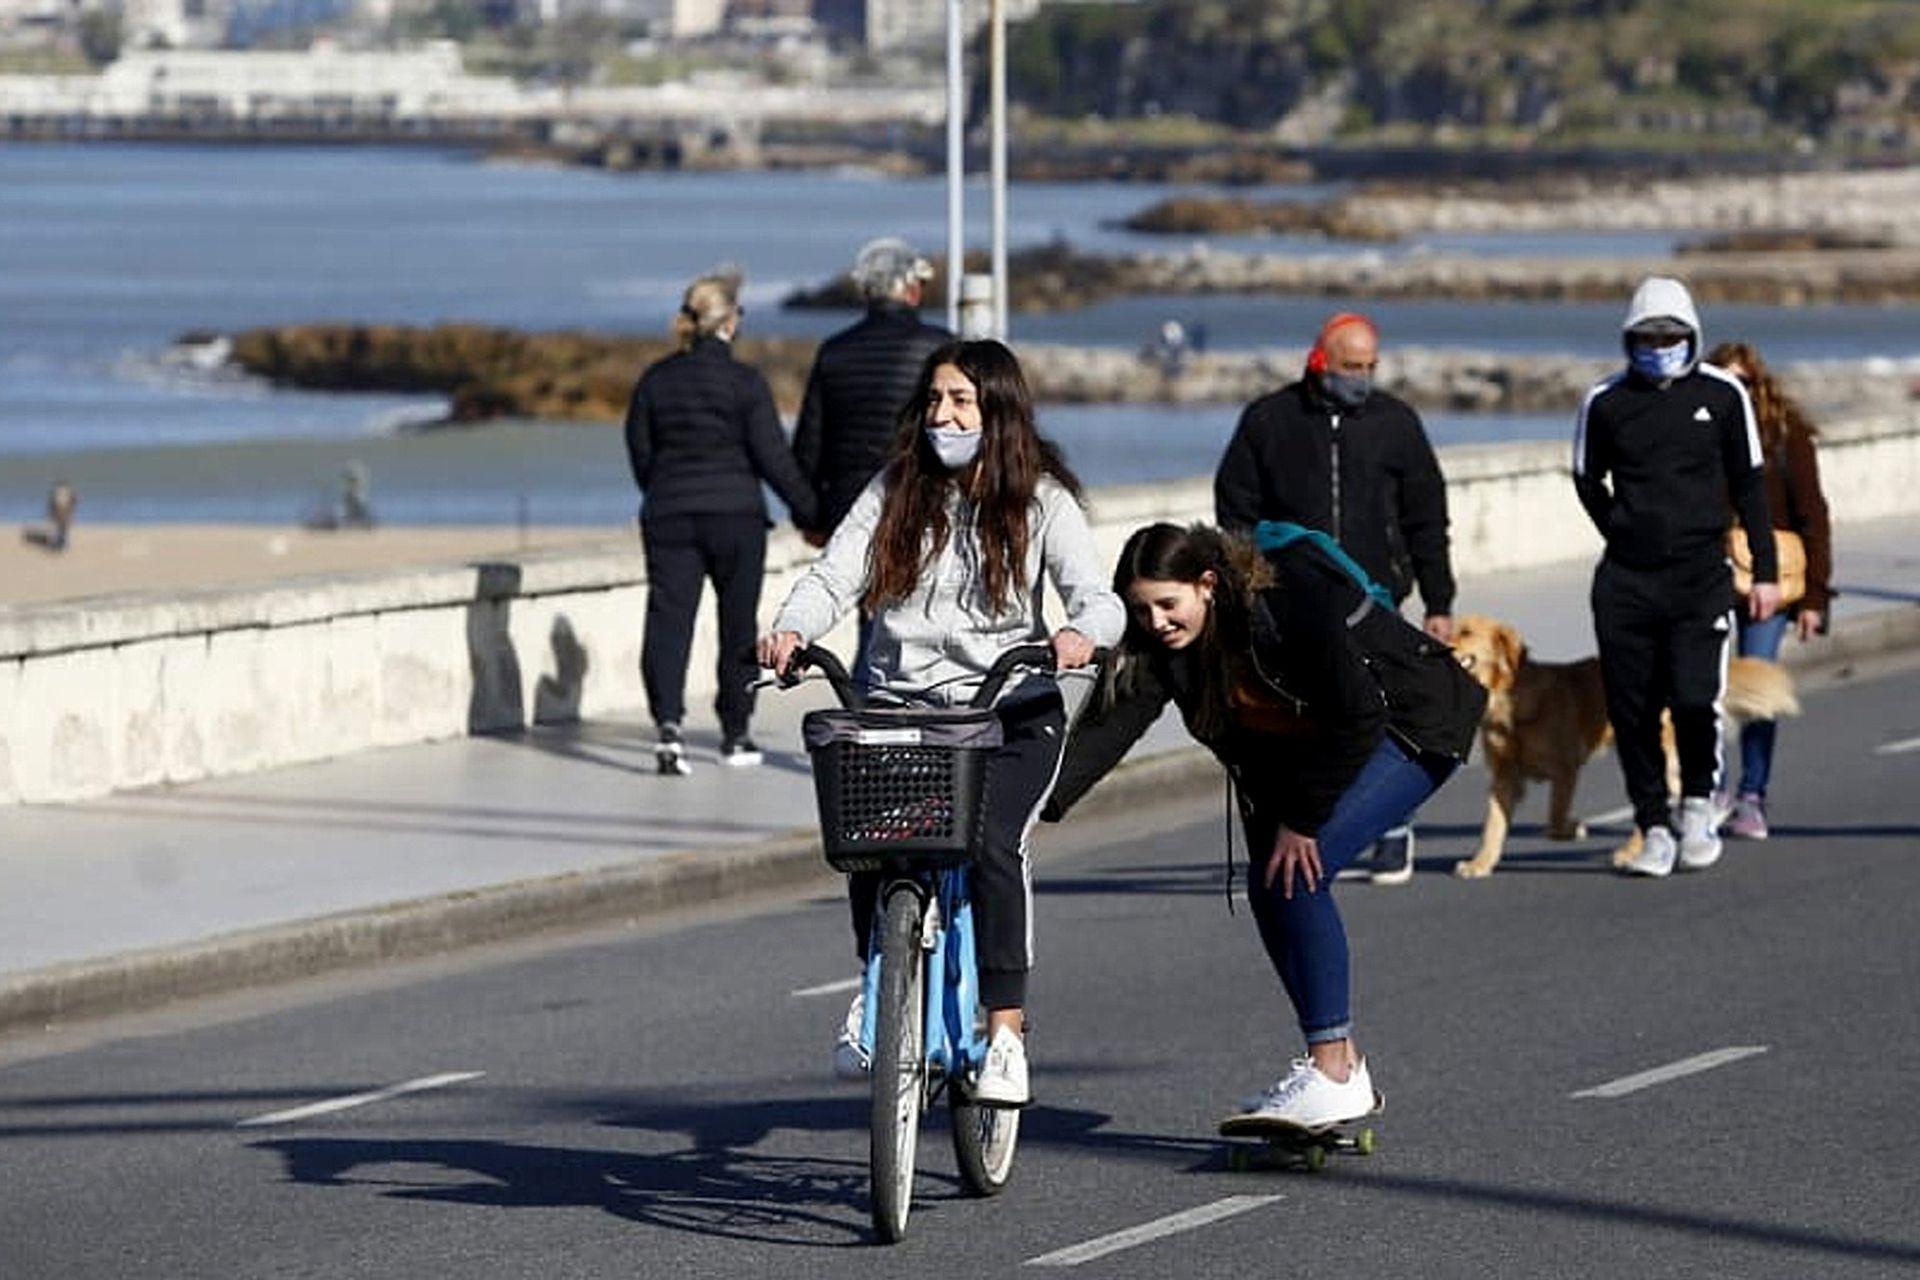 Con bicicletas o caminando los vecinos de Mar del Plata disfrutaron la tarde soleada de sábado